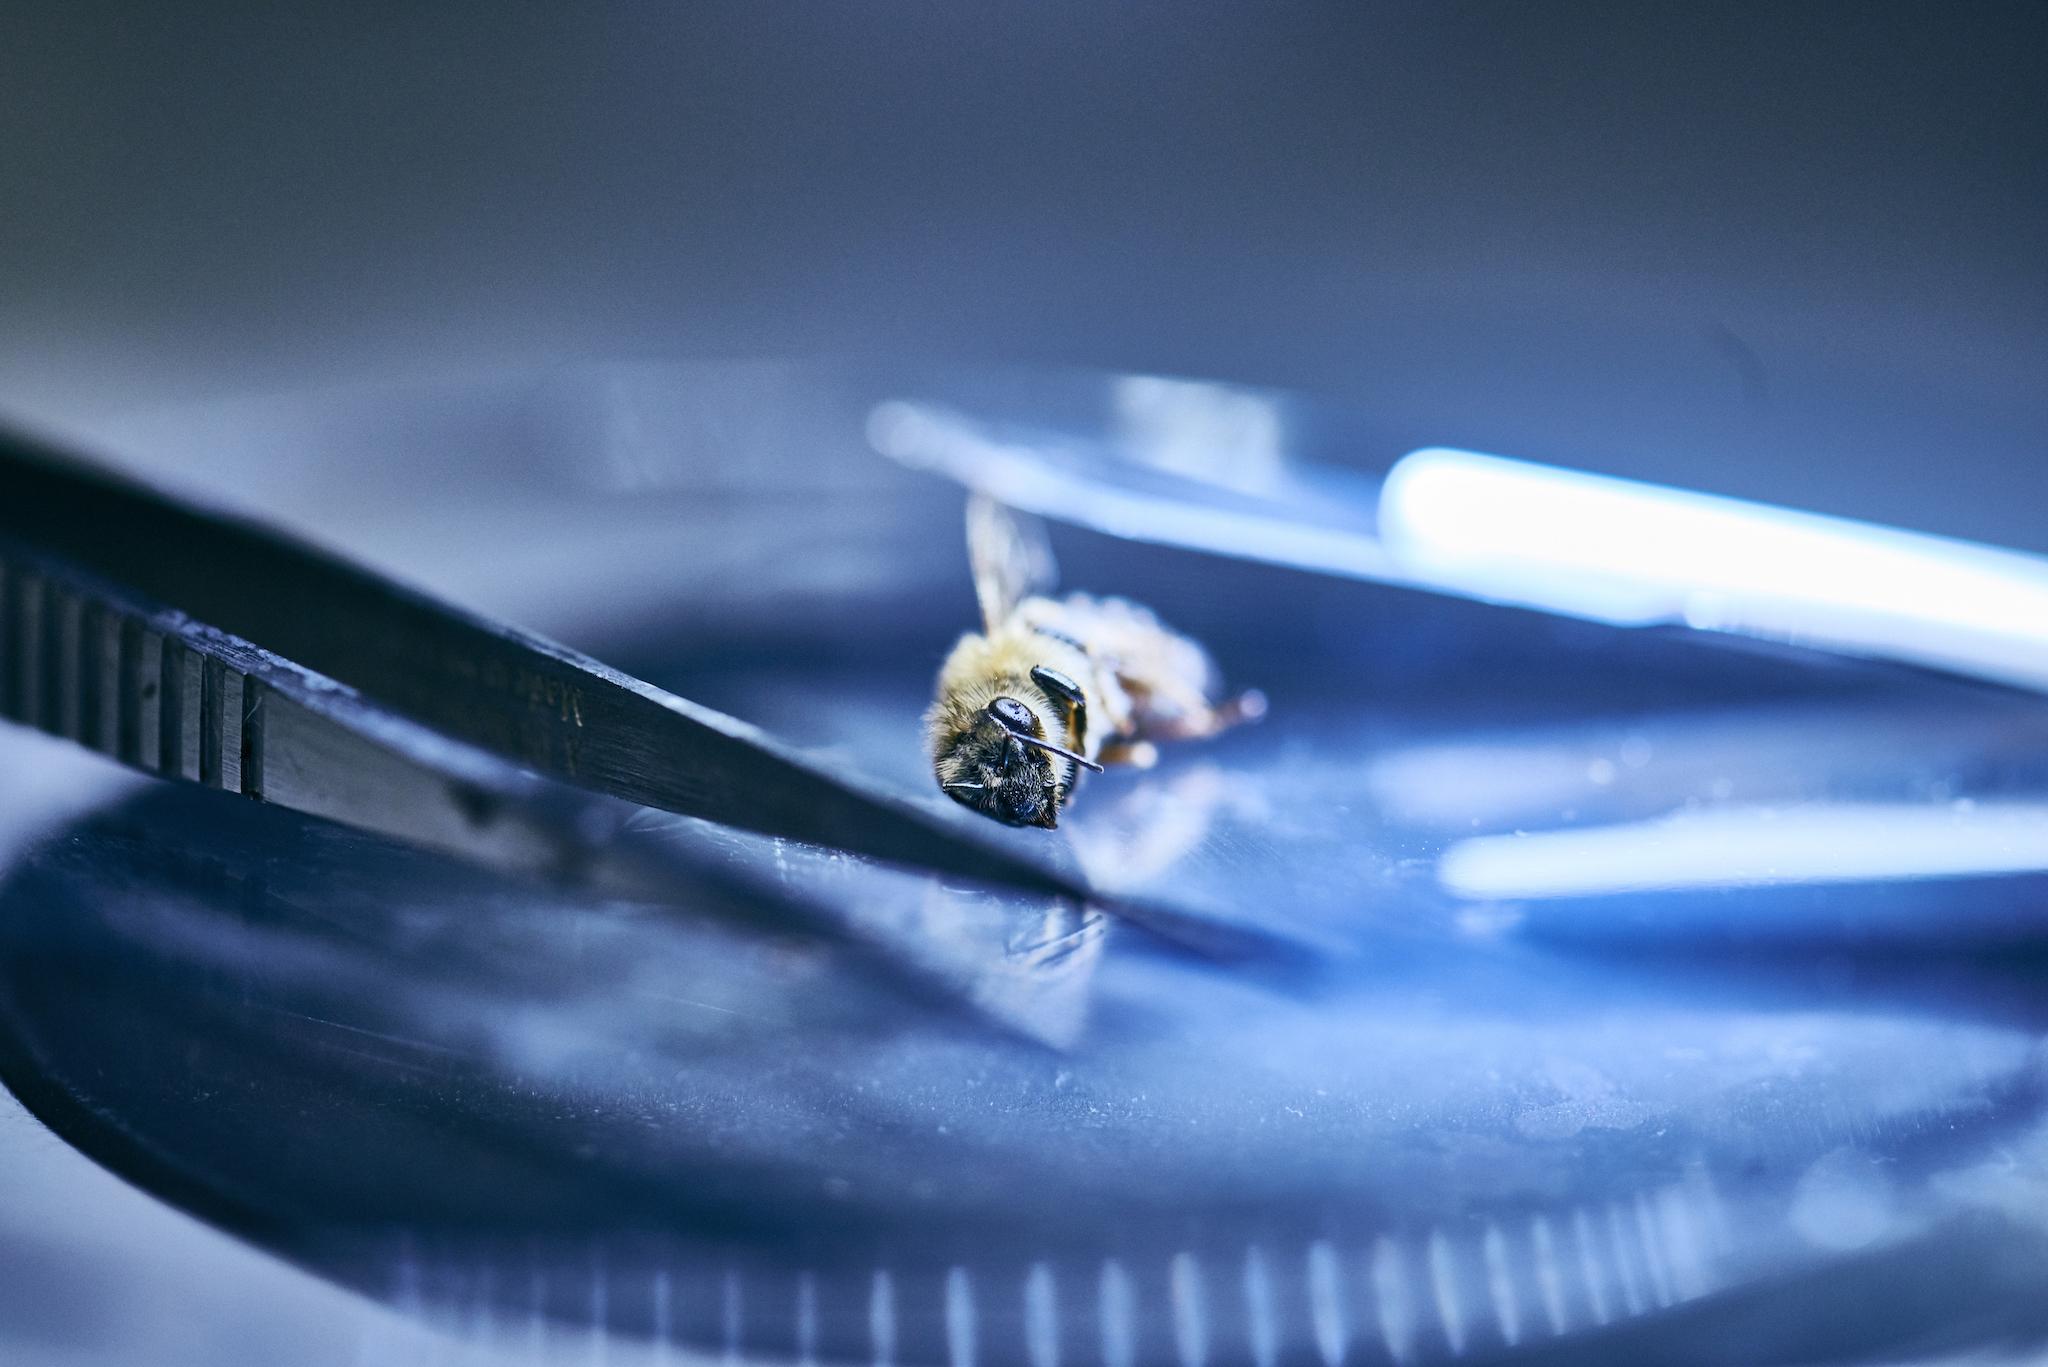 Wie stark schaden Pestizide Bienen? Ein Blick ins Gehirn der Insekten